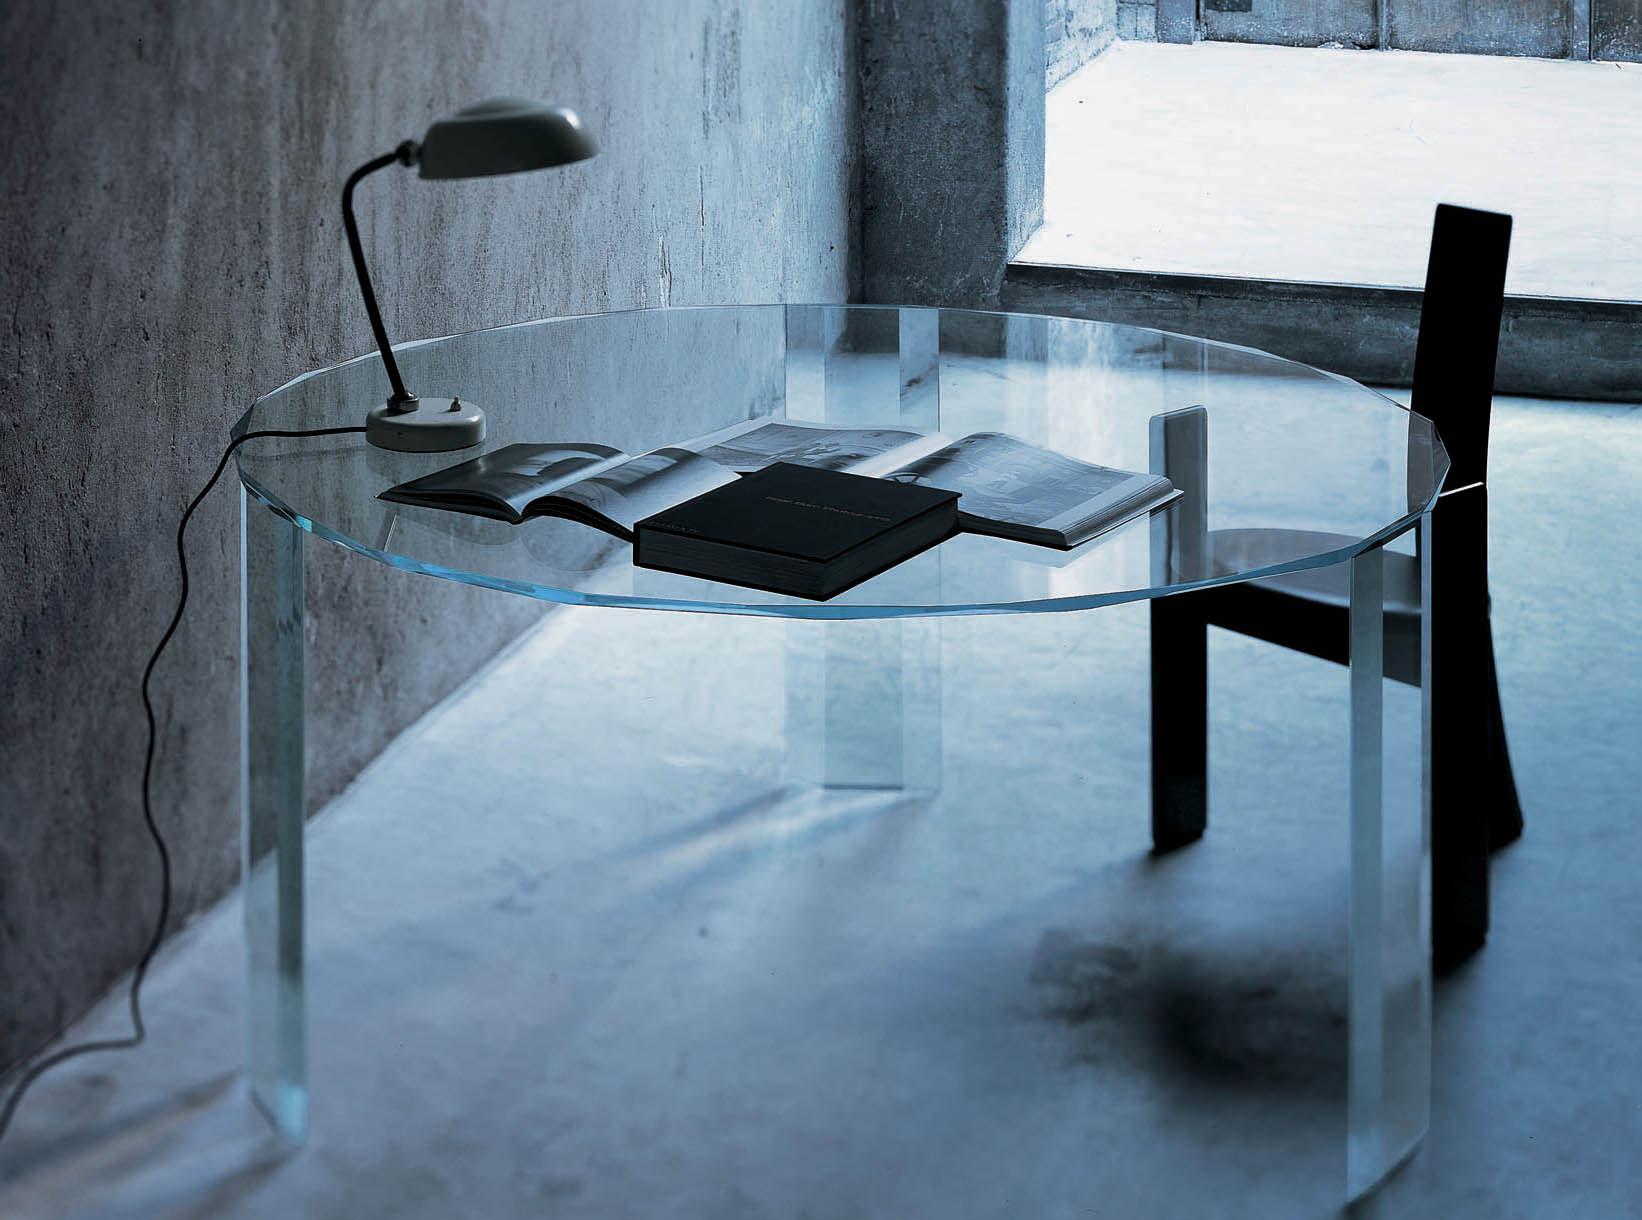 Möbel - Tische - Kooh-I-Noor Runder Tisch - Glas Italia - Runde Tischplatte - Ø 153 cm - Glas